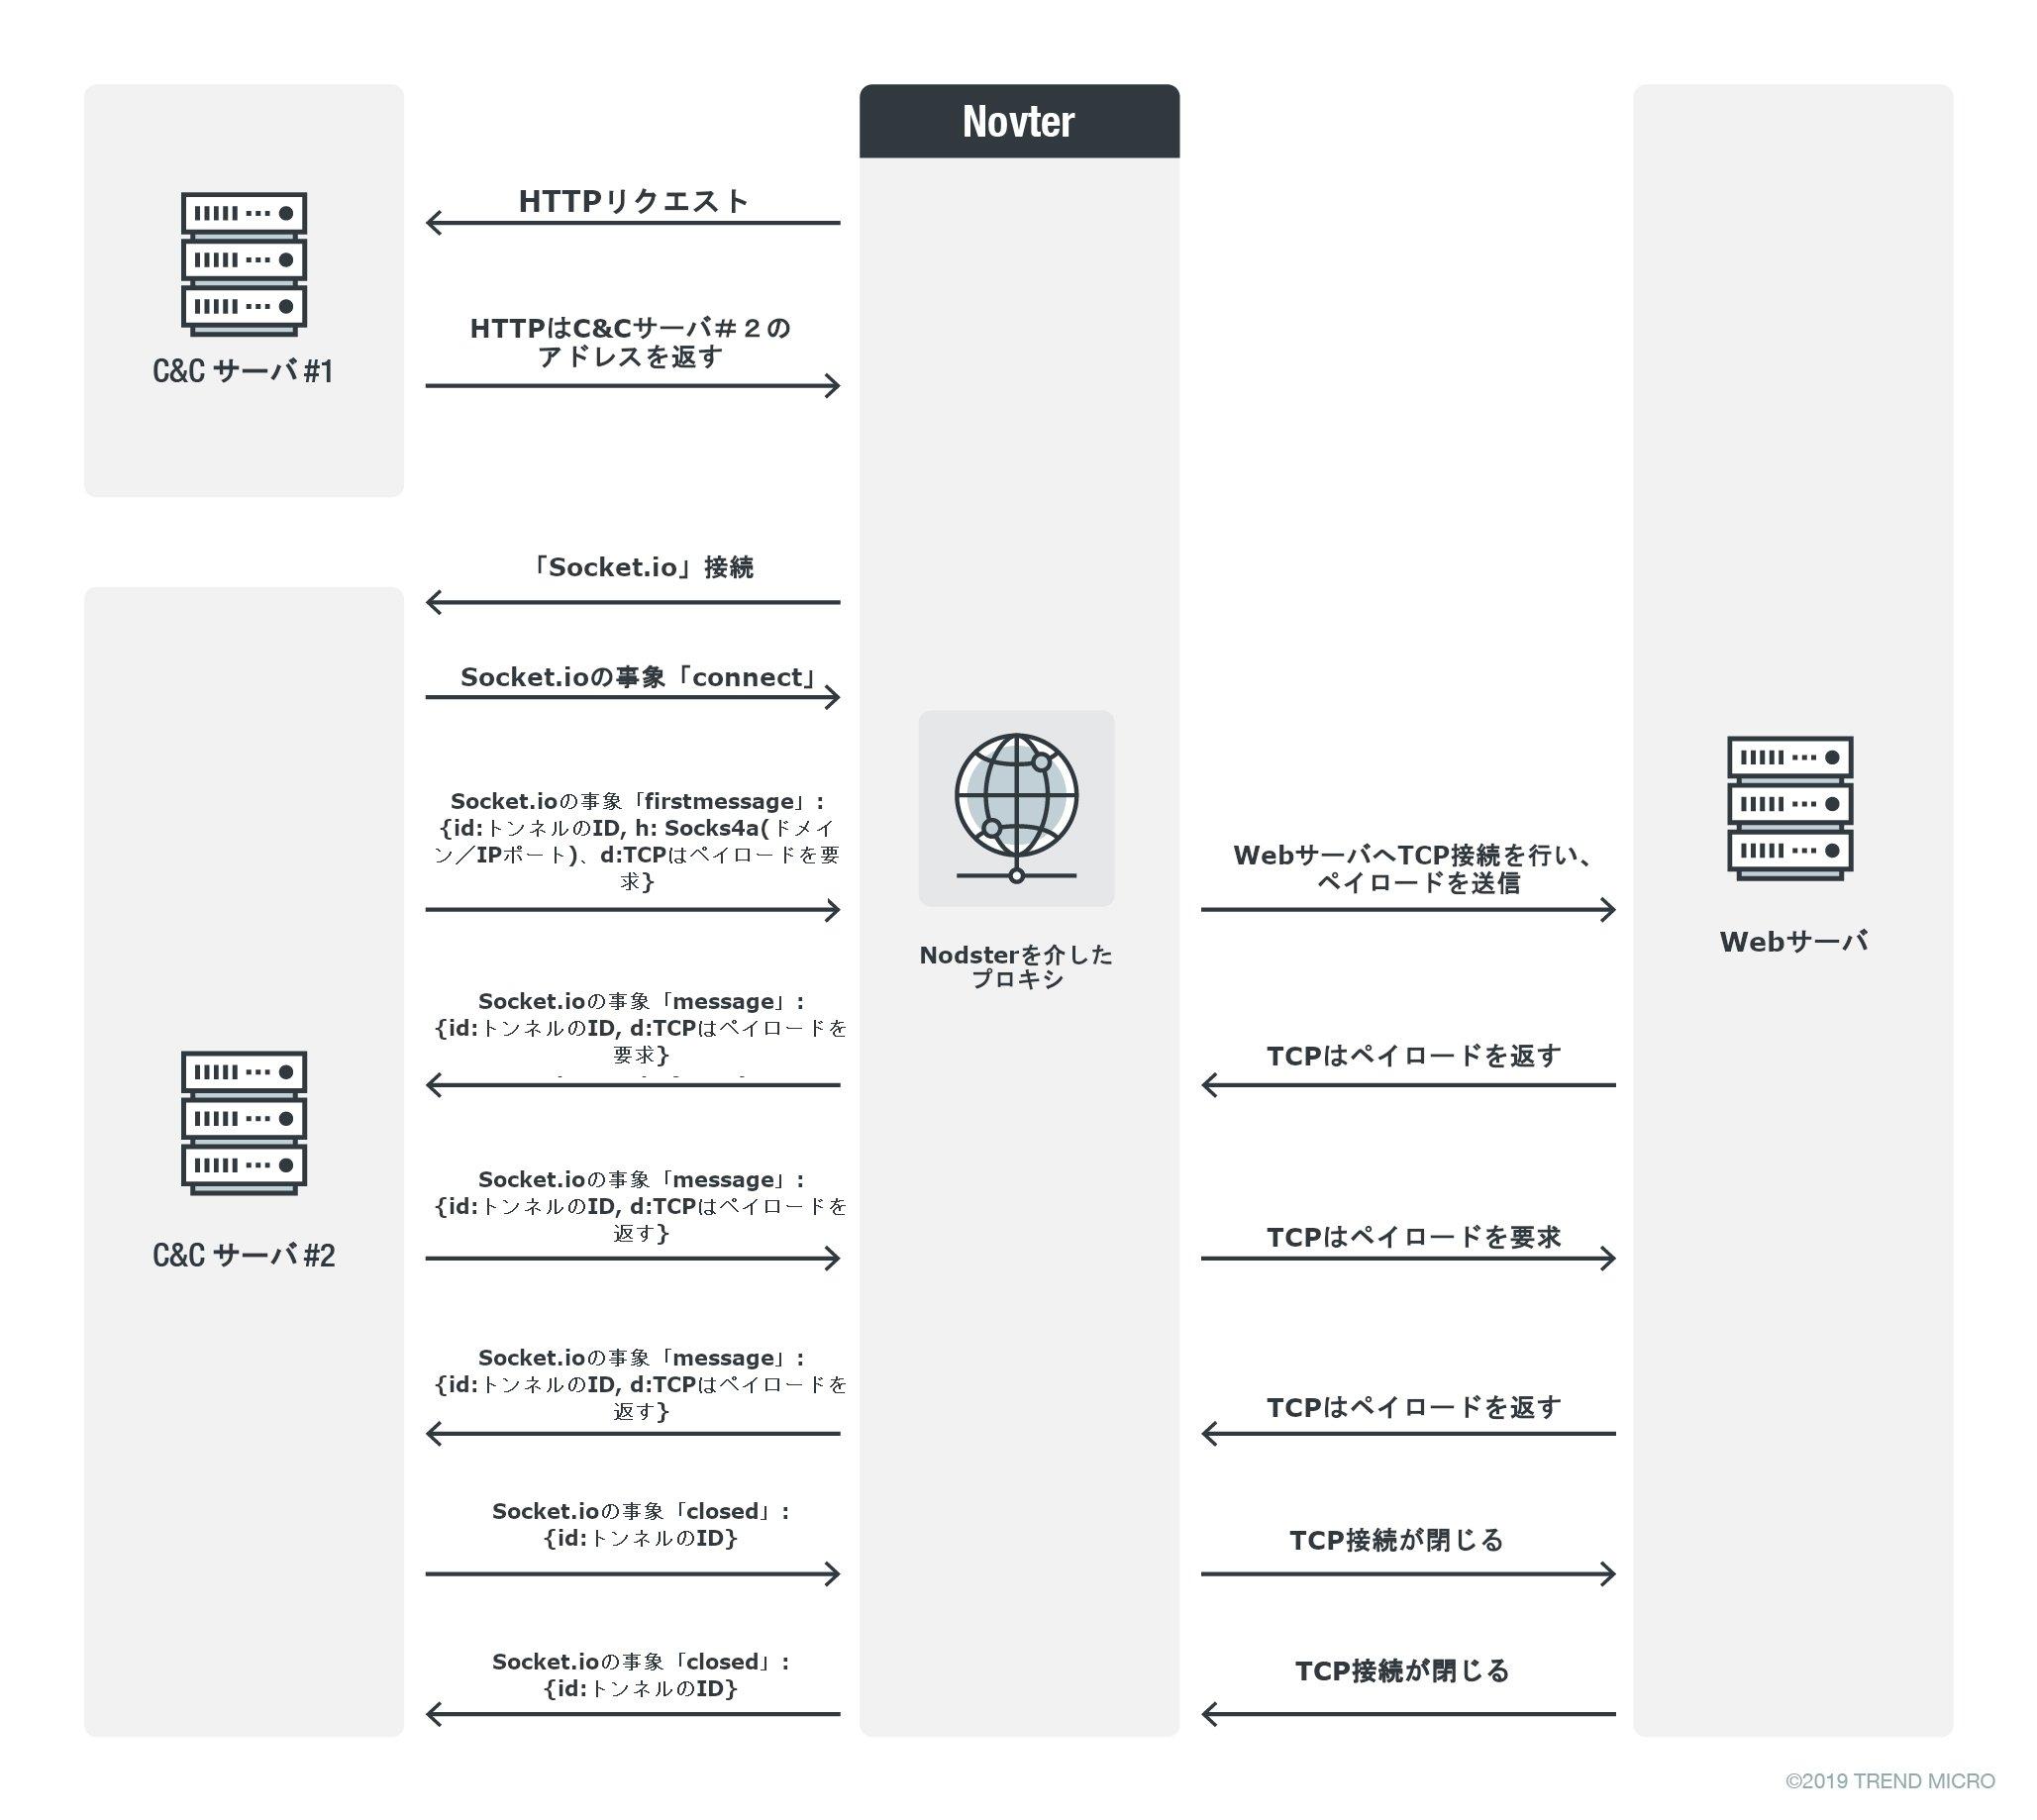 図4. モジュール「Nodster」のプロキシとC&Cサーバ間におけるトラフィックの流れ